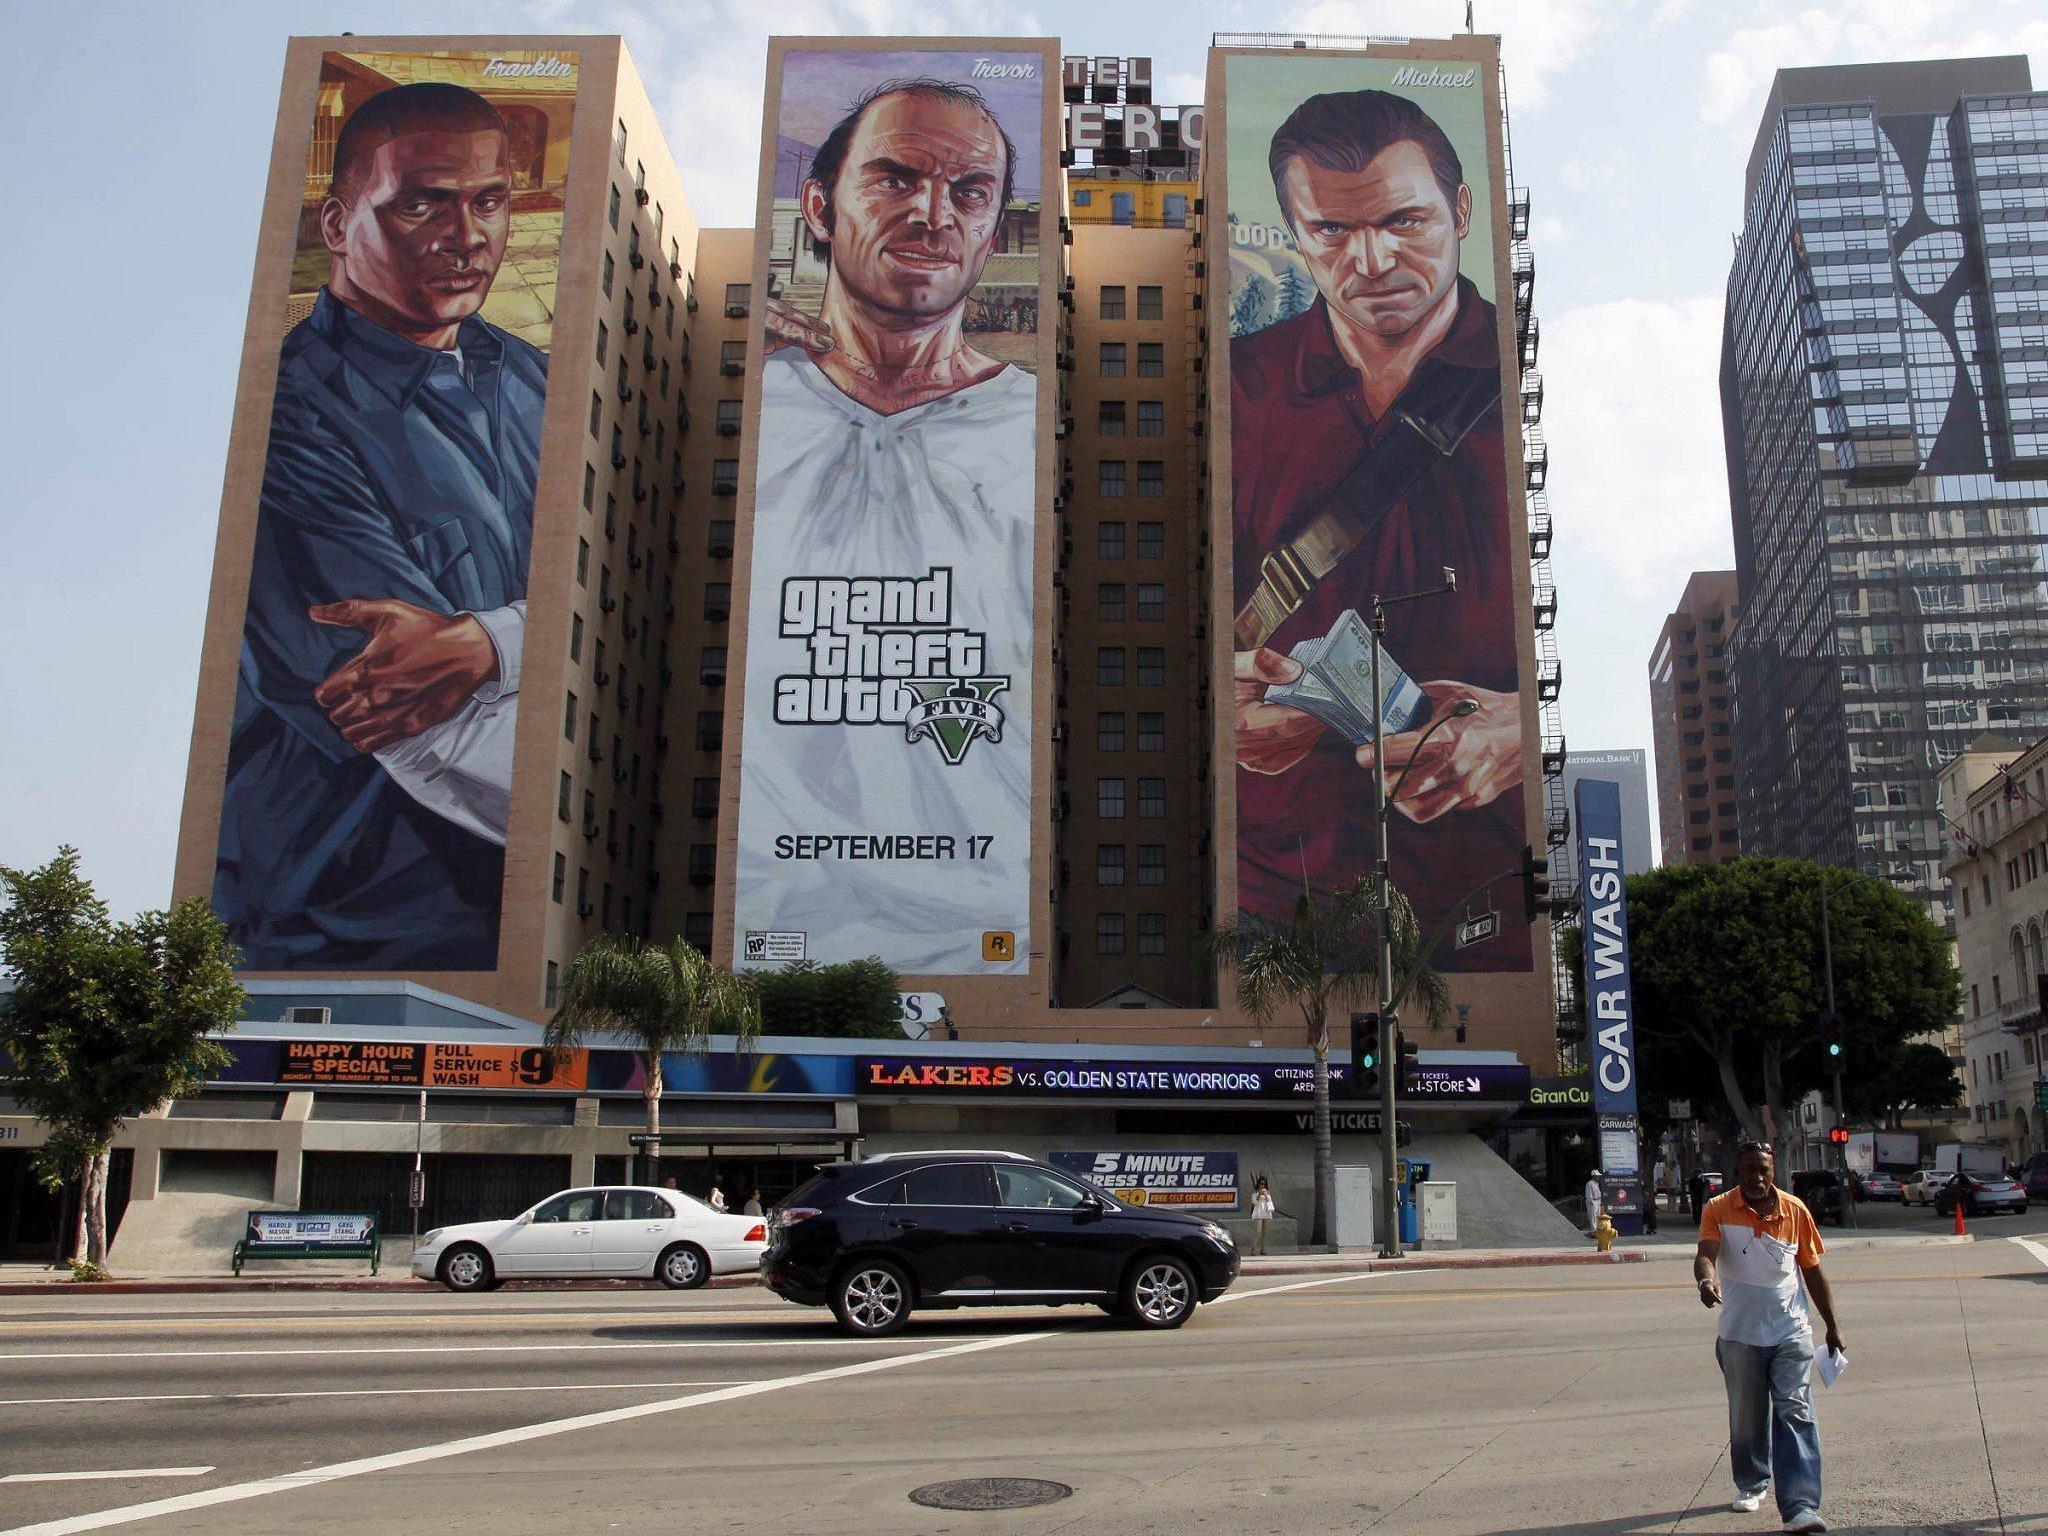 Der neue Teil von Grand Theft Auto steht seit Dienstag in den Läden.